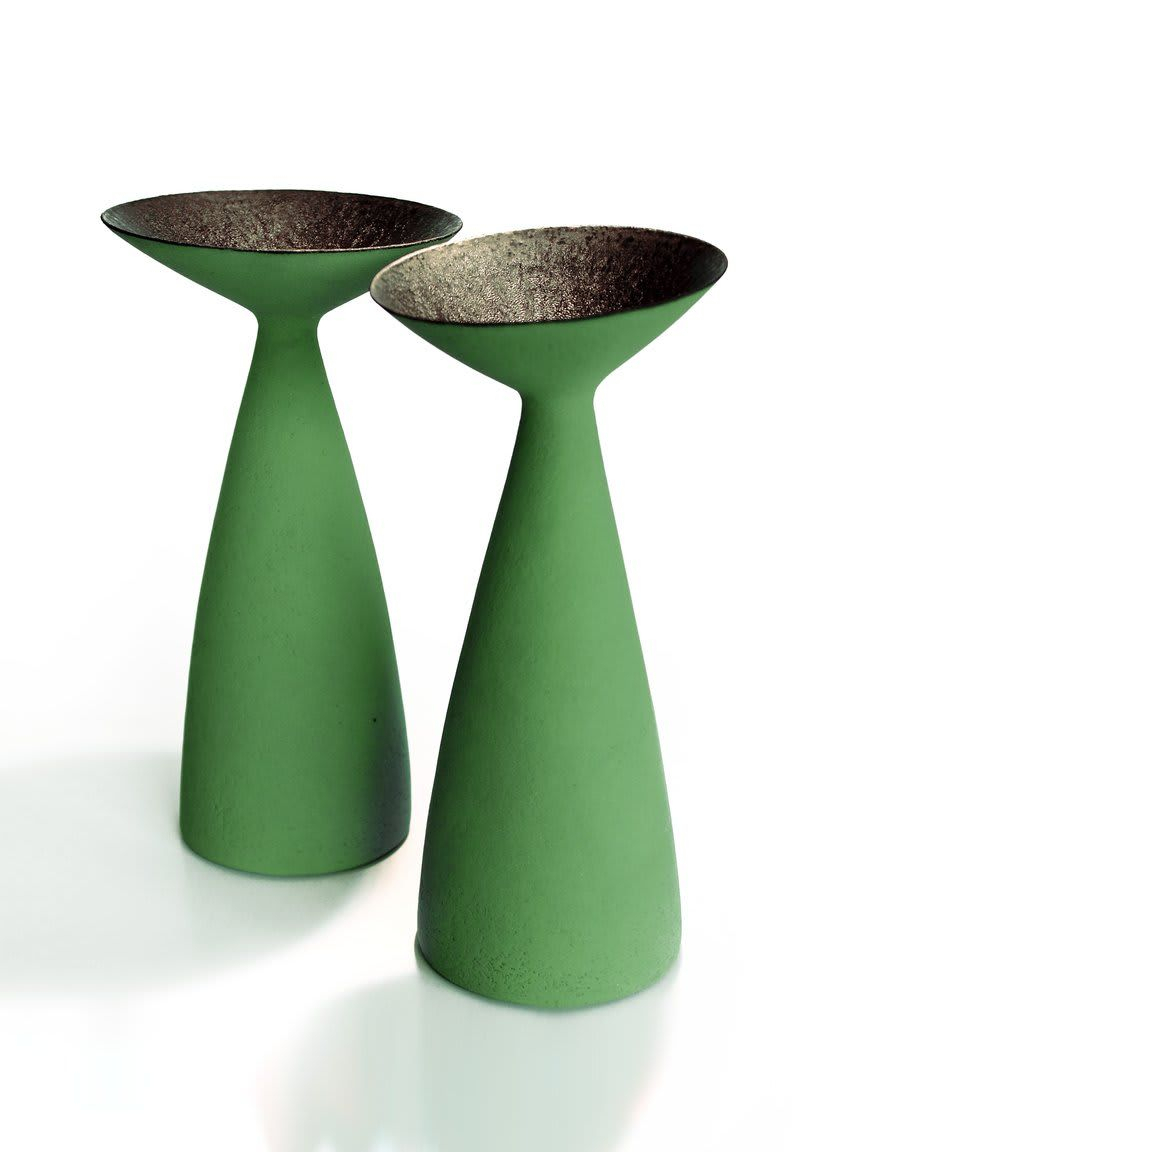 Flower Vessels | Ceramic Vessel, Vessel, Moller Regarding Engelhardt Ceramic Garden Stools (View 23 of 25)